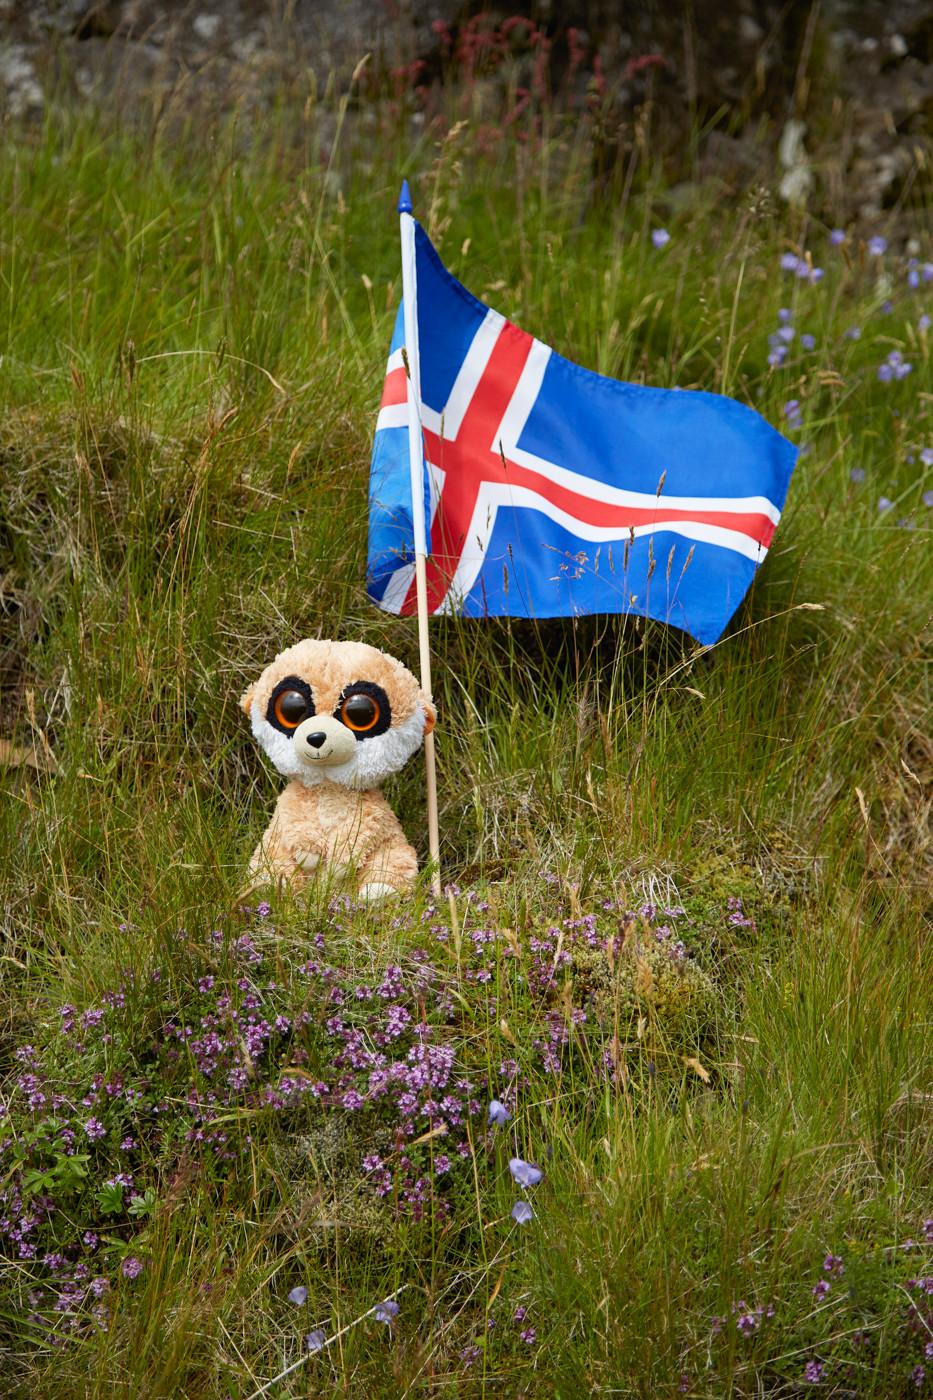 ed das erdmännchen, ed, reisemaskottchen, meerkat, iceland, flag, flagge, island, reiseblog, miles and shores